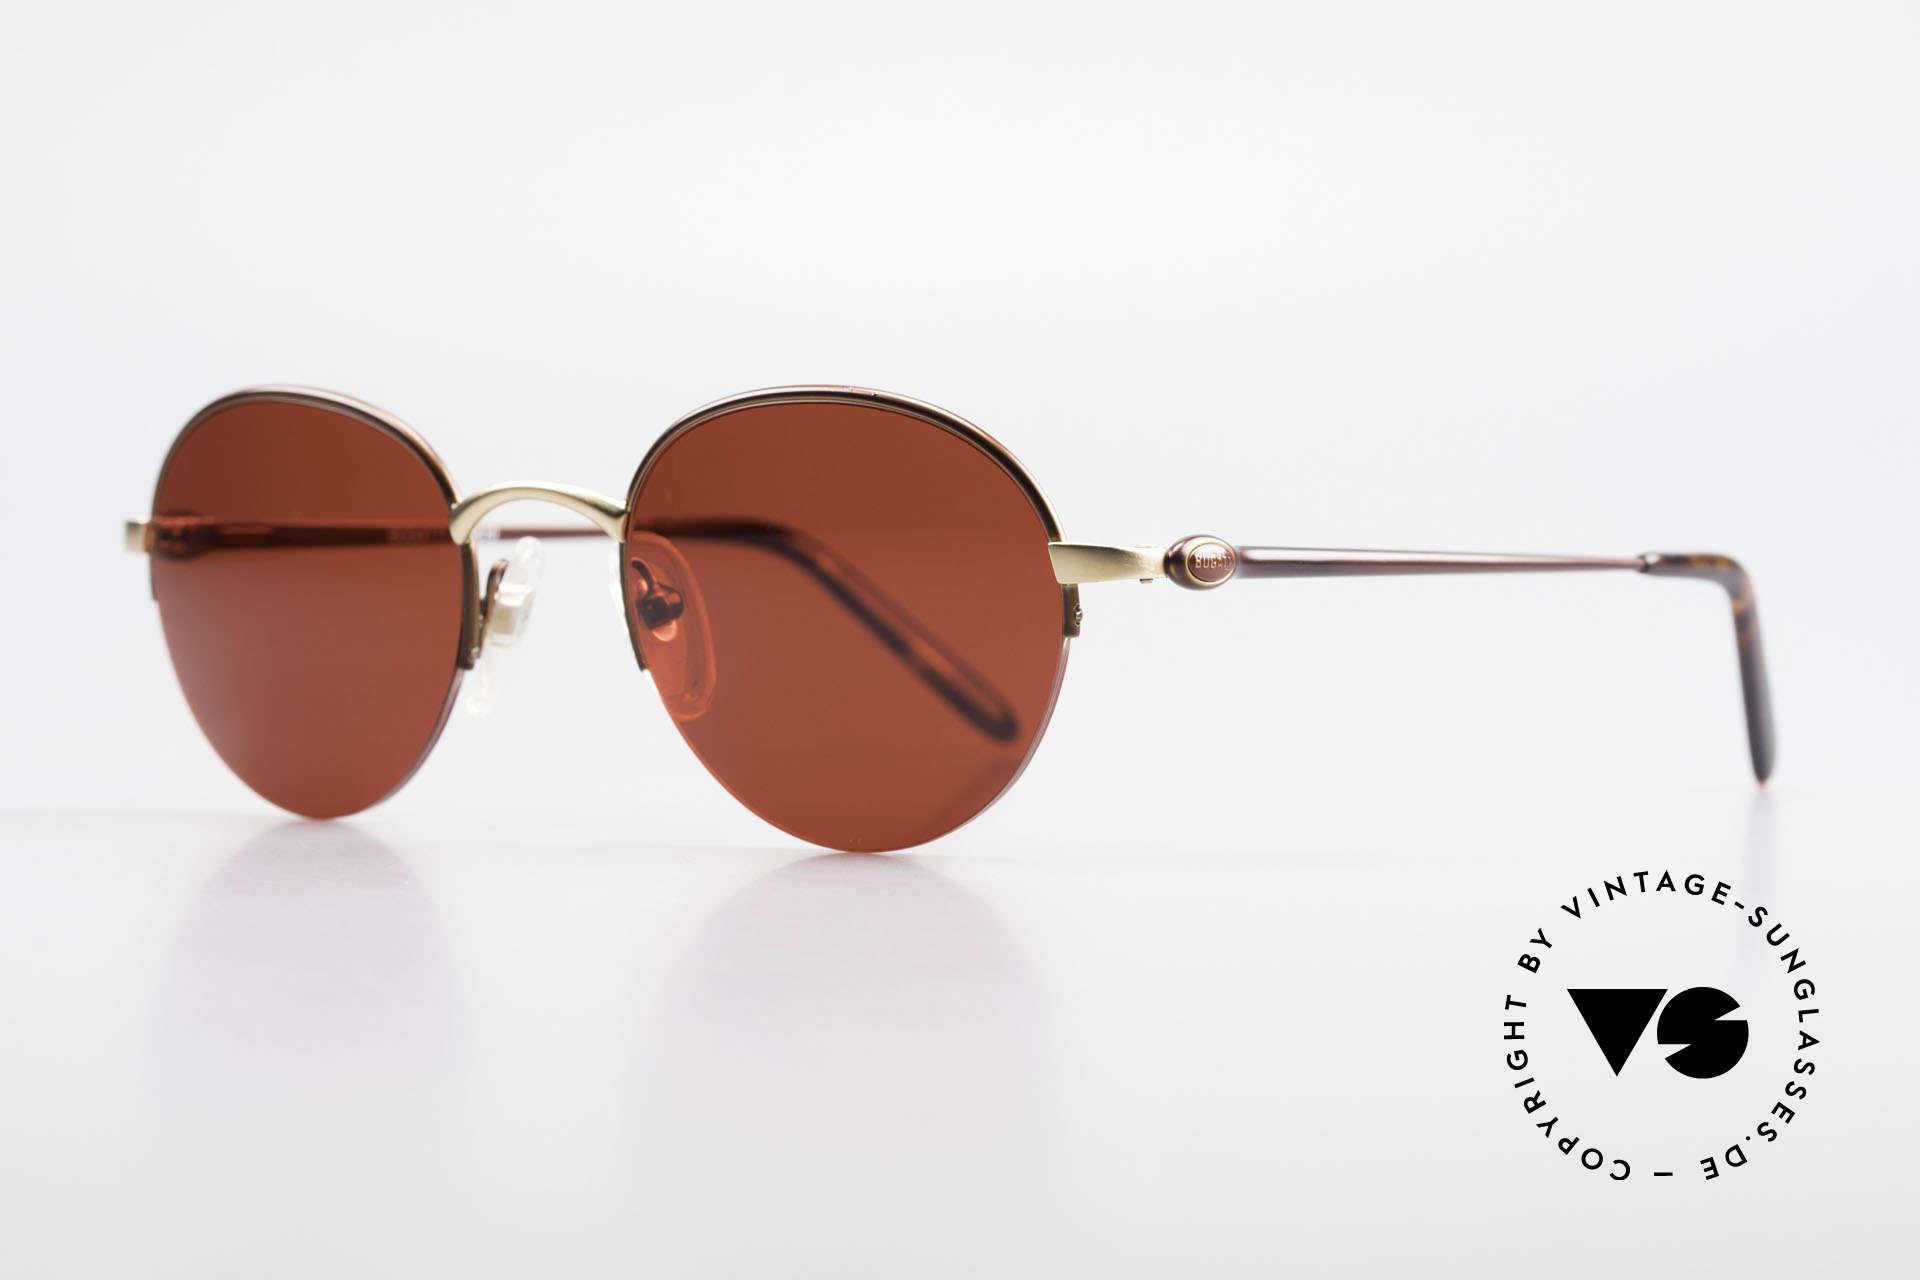 Bugatti 26619 Runde Bugatti Panto Brille, mattgold/mattbraun und flexible Federgelenke, Passend für Herren